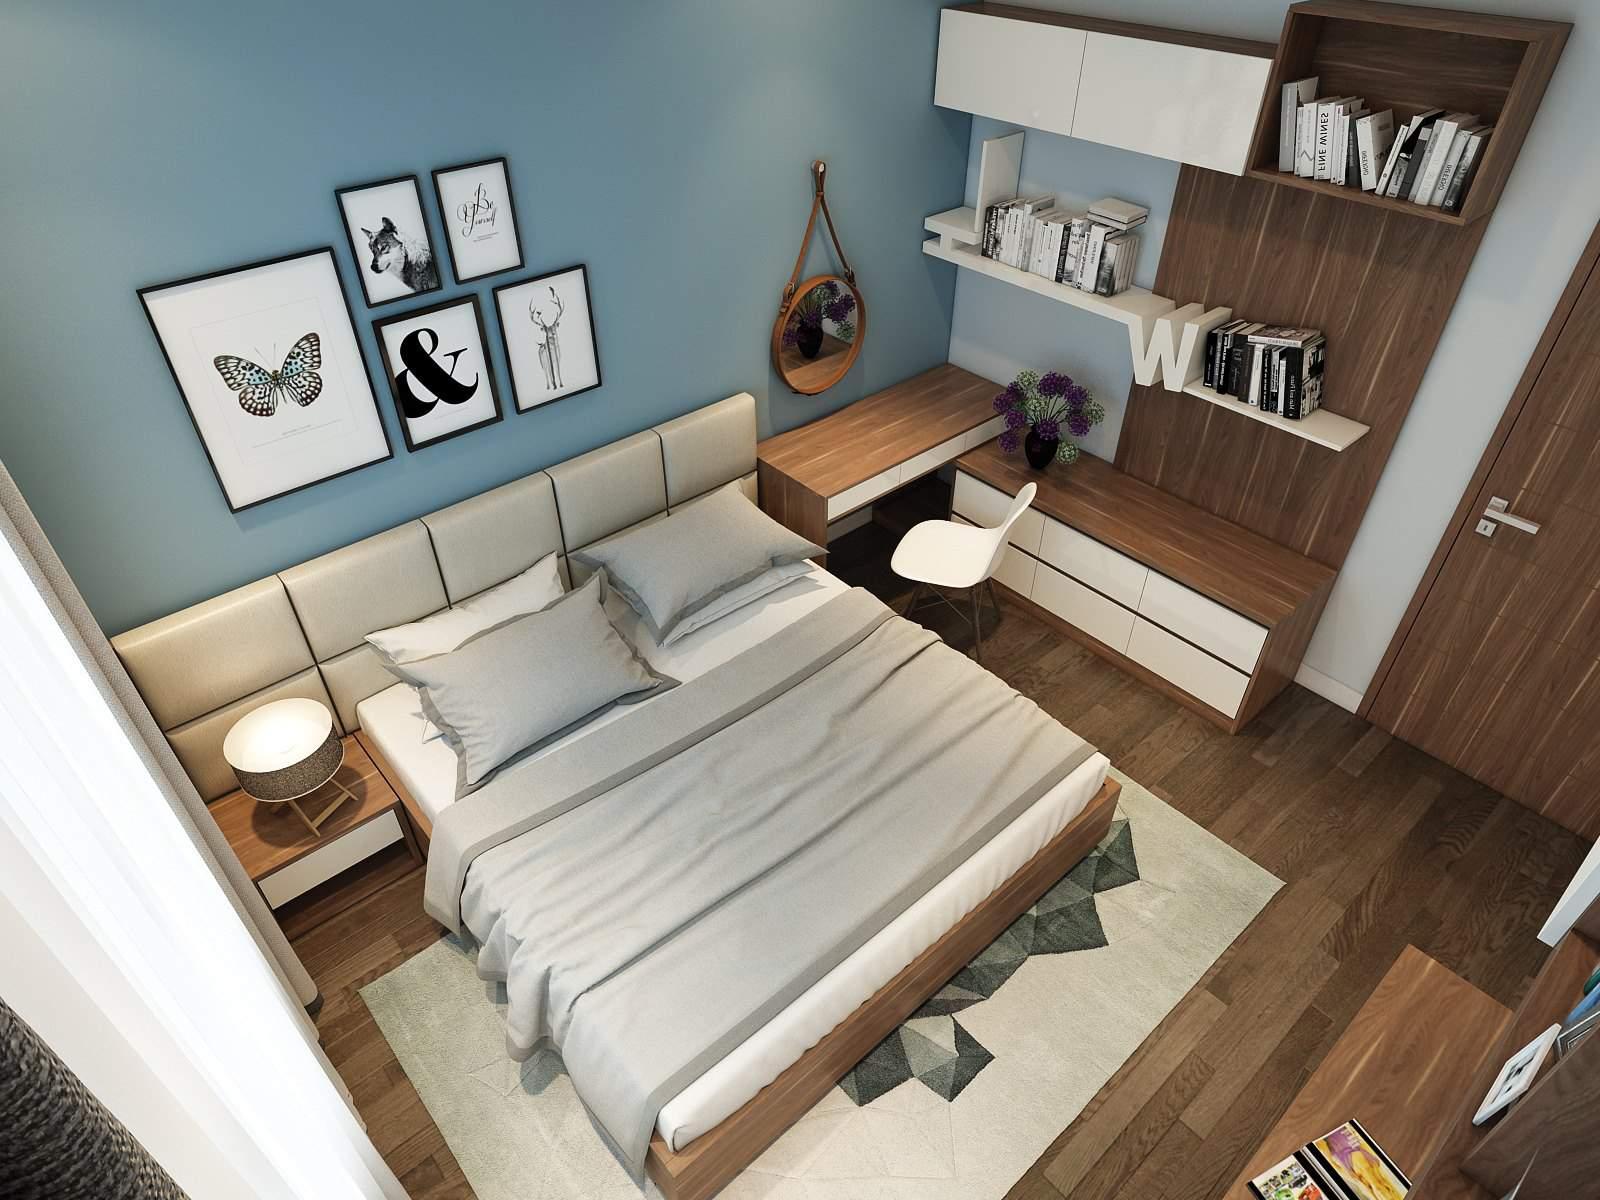 Mẫu thiết kế phòng ngủ đẹp và tiện nghi cho mọi gia đình